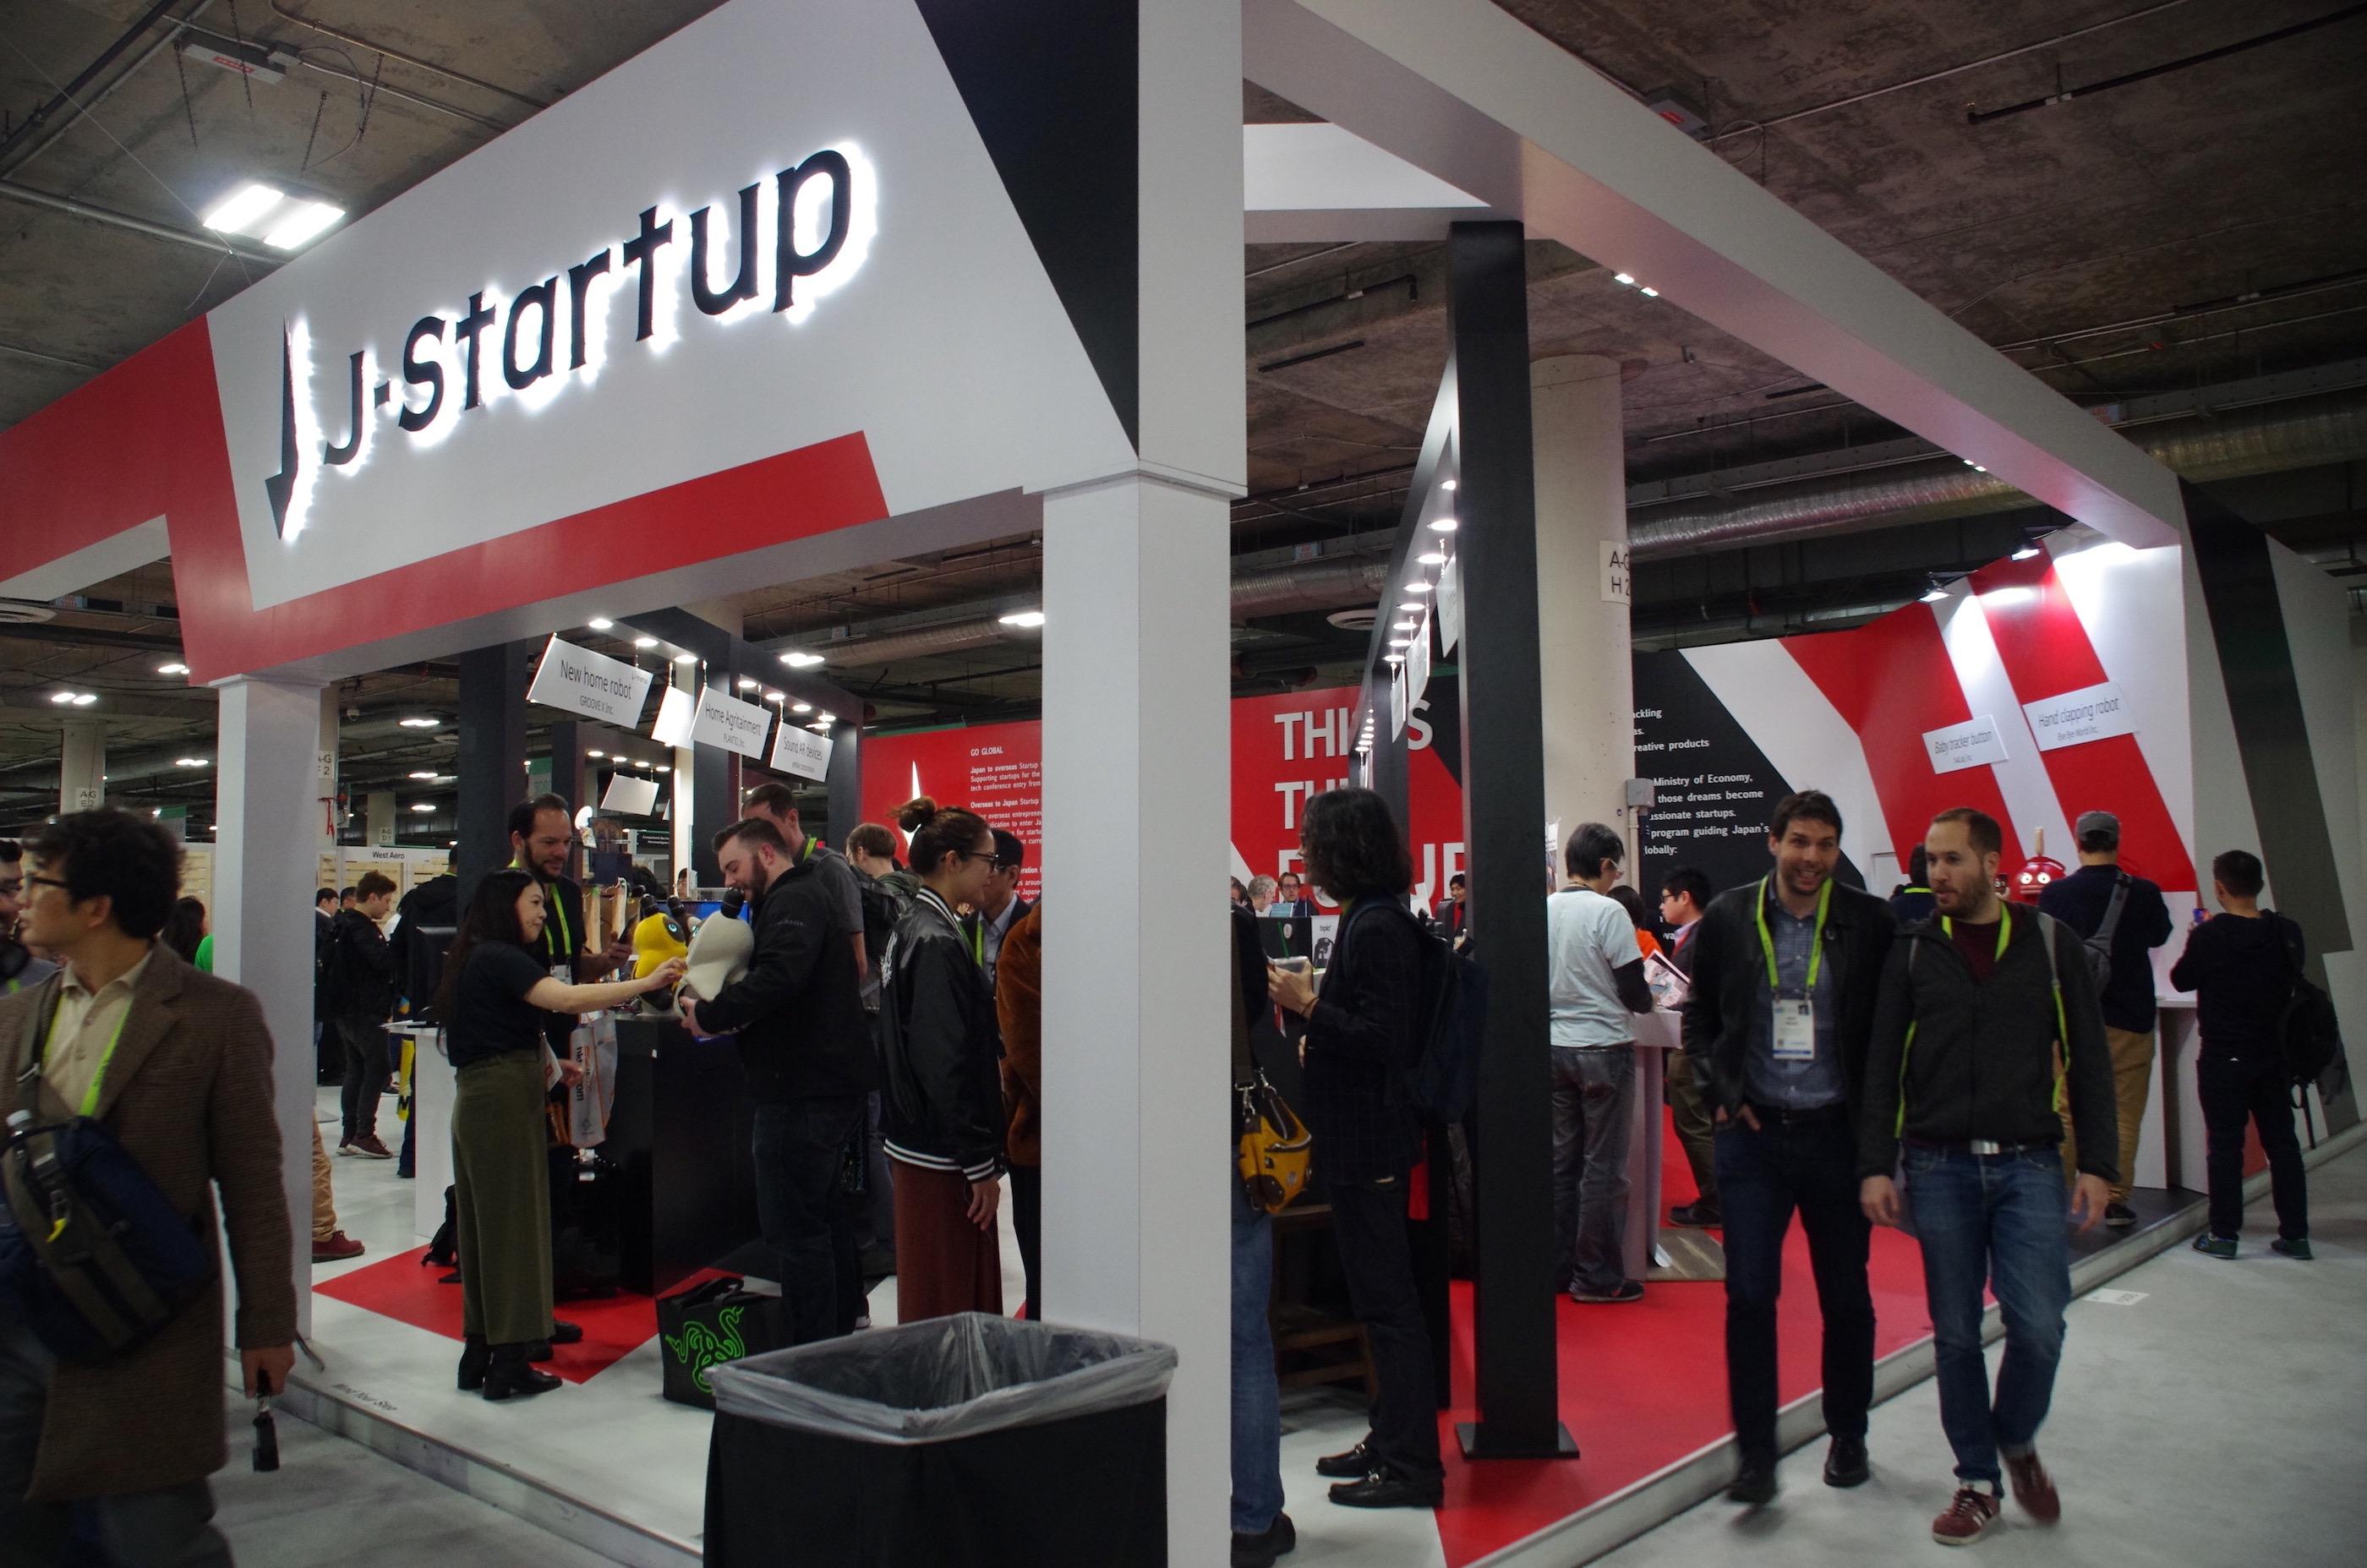 J-Startupの展示エリア。22社が出展している